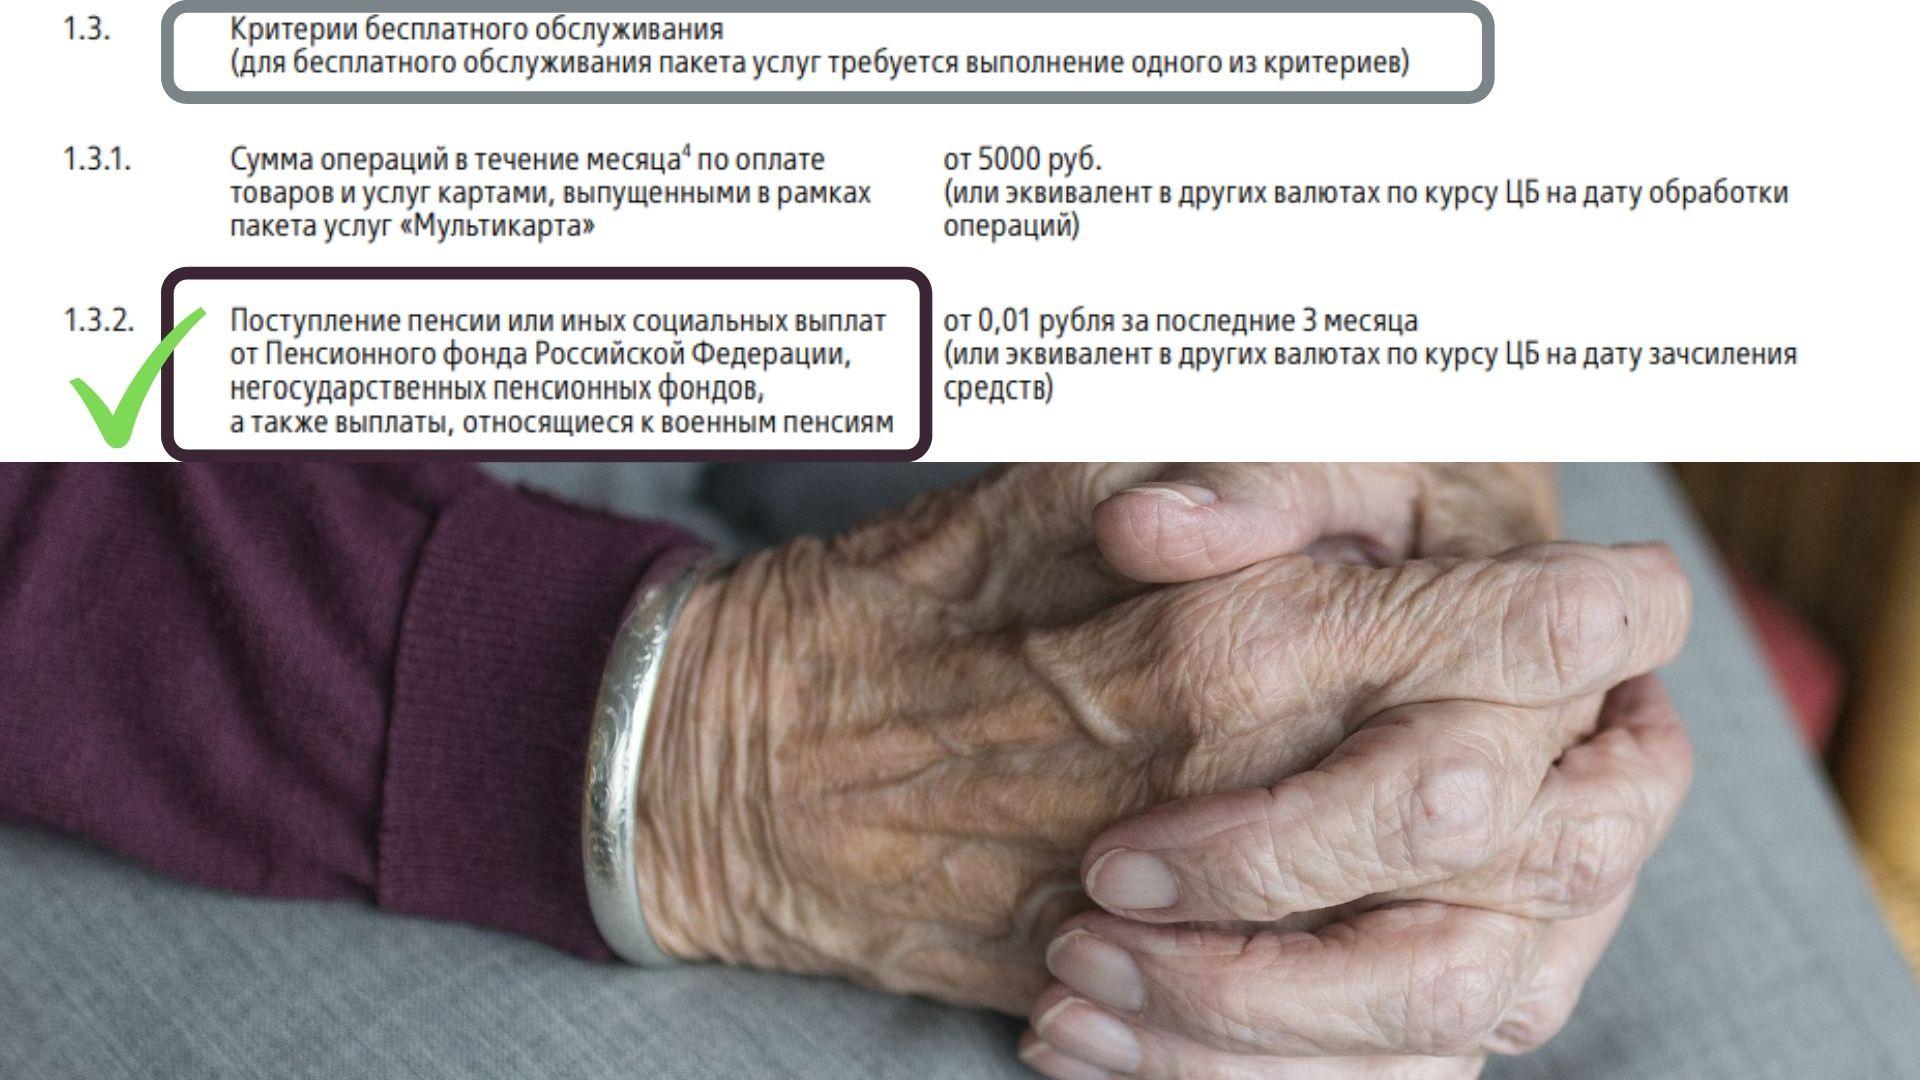 бесплатное обслуживание карта мир пенсионерам